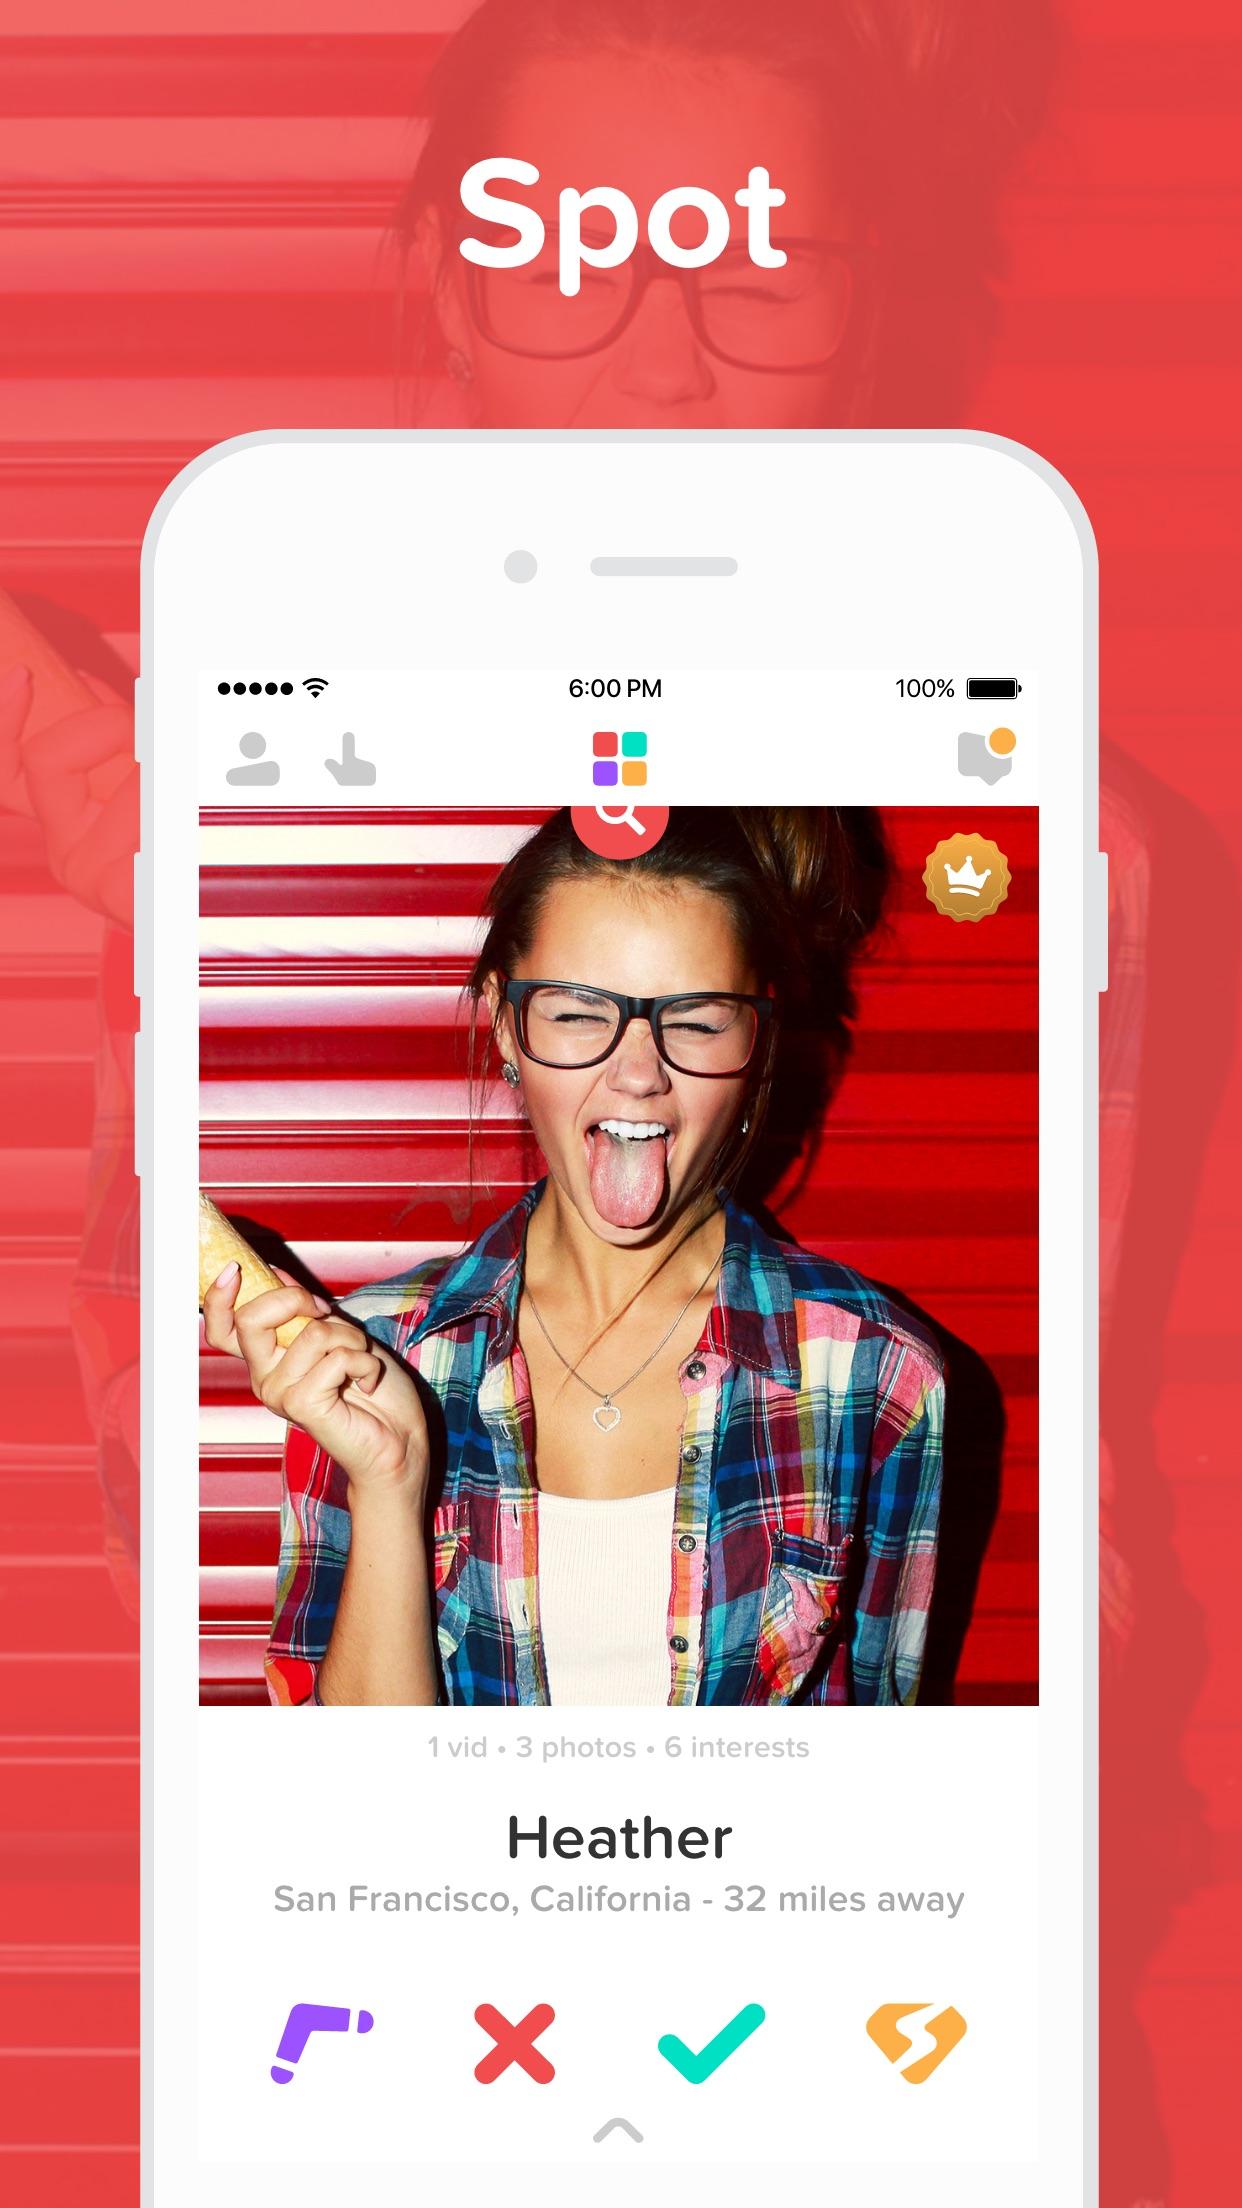 Spotafriend - Teen Meeting App to Make New Friends Screenshot